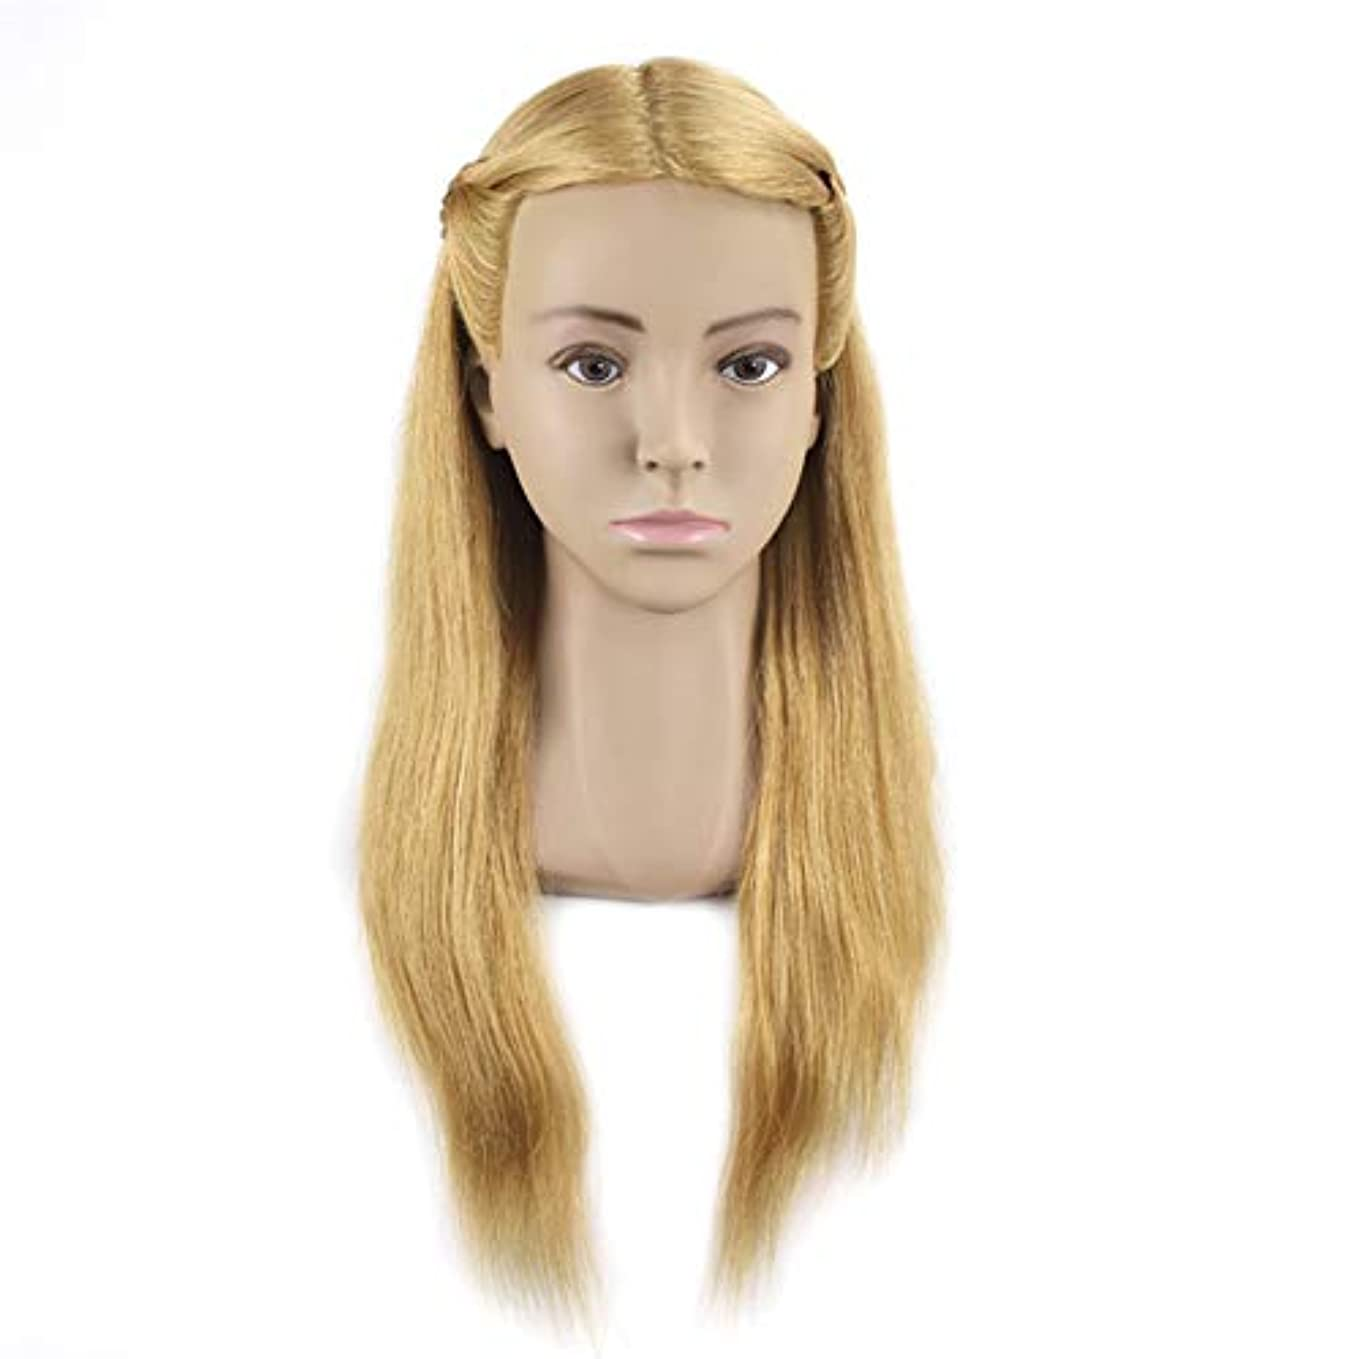 謎めいたシャットグロー完全な人毛ヘアスタイリングモデルヘッド女性モデルヘッドティーチングヘッド理髪店編組髪染め学習ダミーヘッド